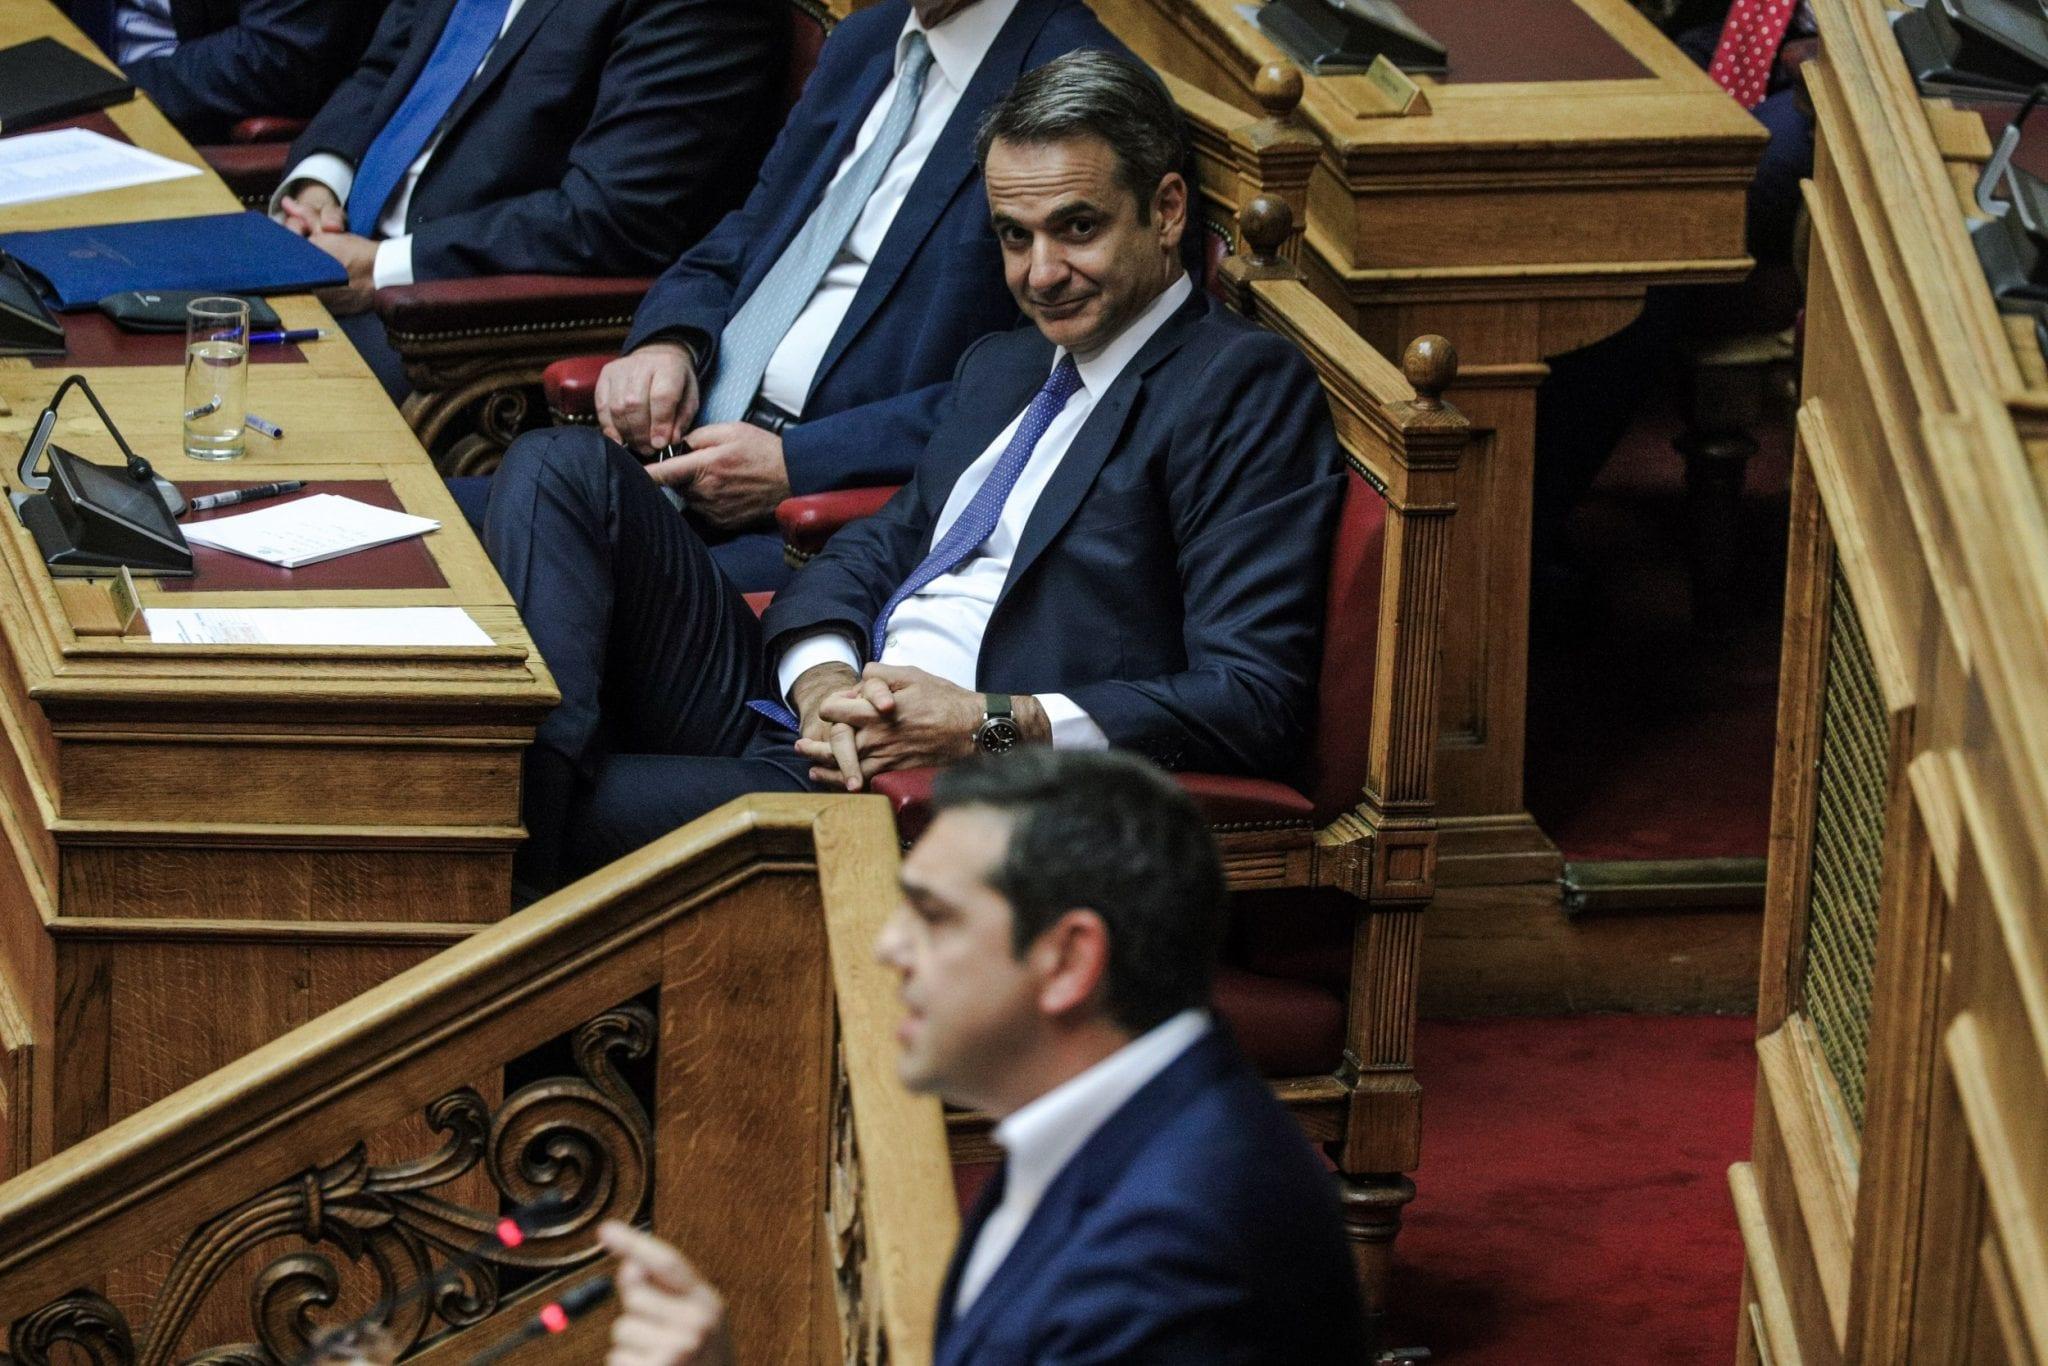 Βόμβα Μητσοτακη στη Βουλή με έμμεση αναφορά στις πιέσεις για πρόωρες εκλογές: Εγώ δεν βρήκα τρεις επιστολές στο Μαξίμου